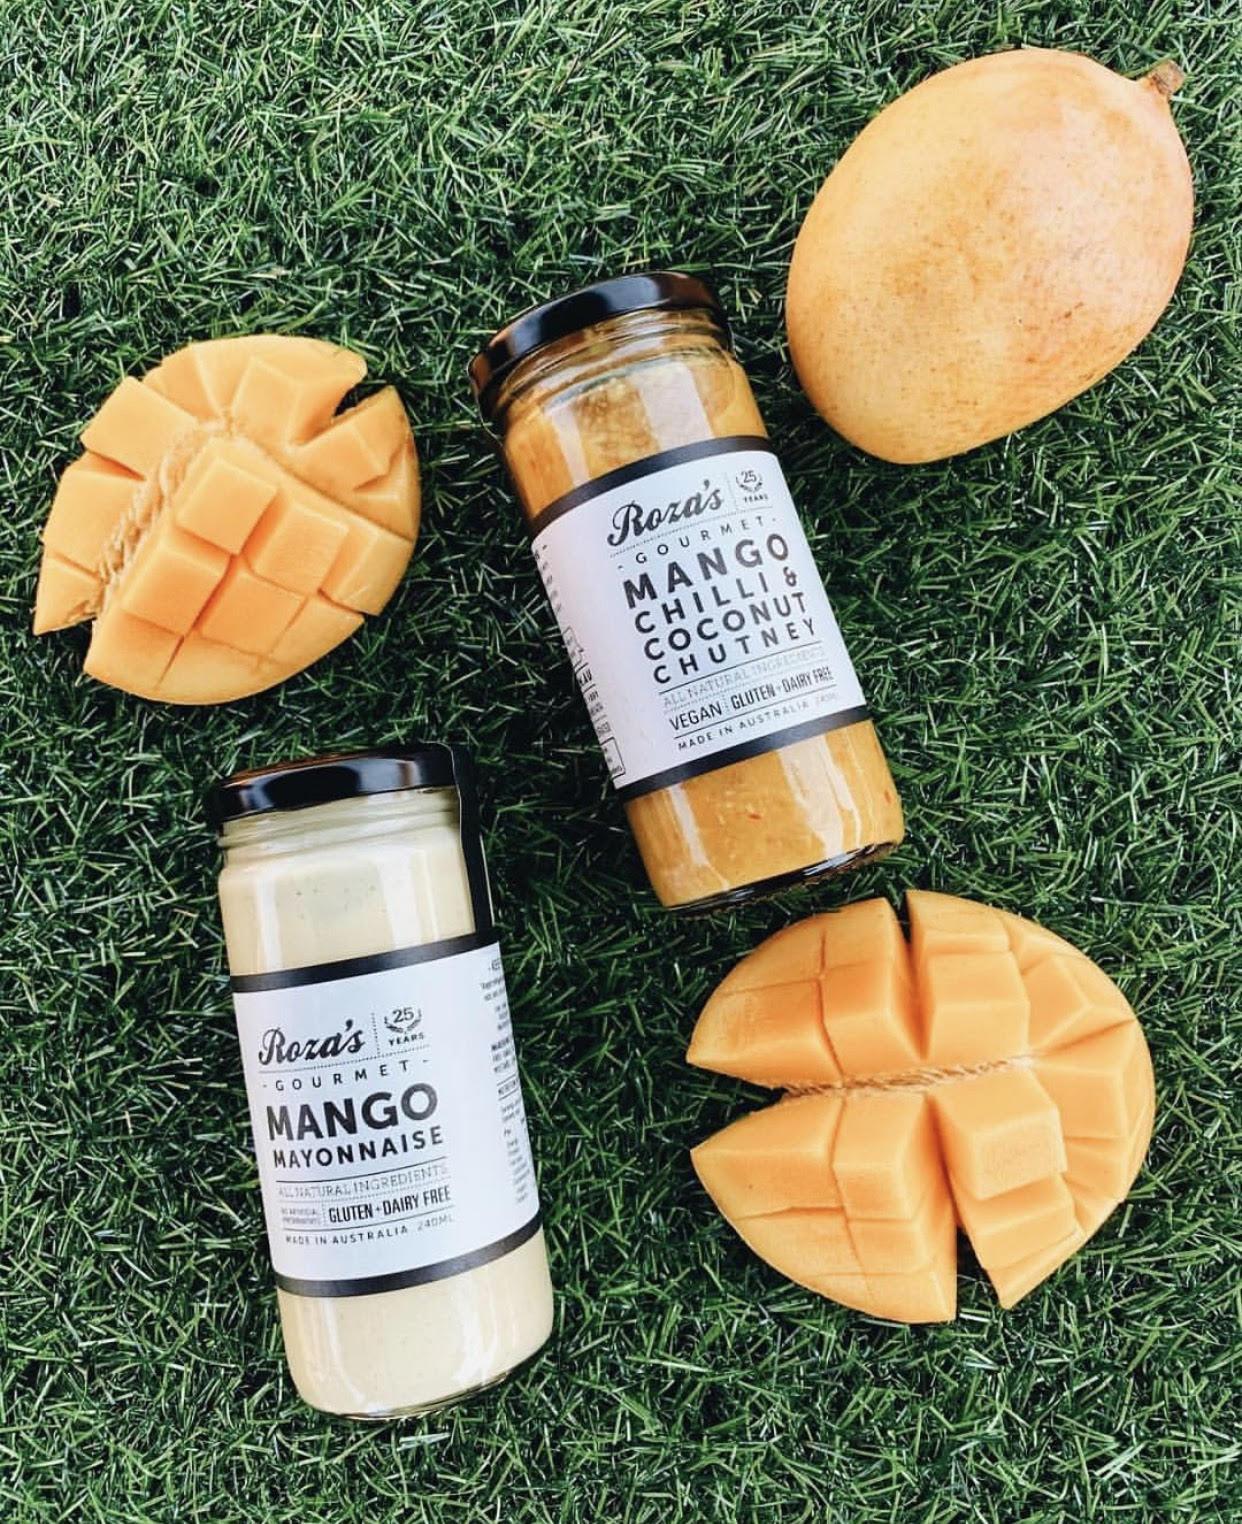 Roza's Gourmet Mango Mayonnaise